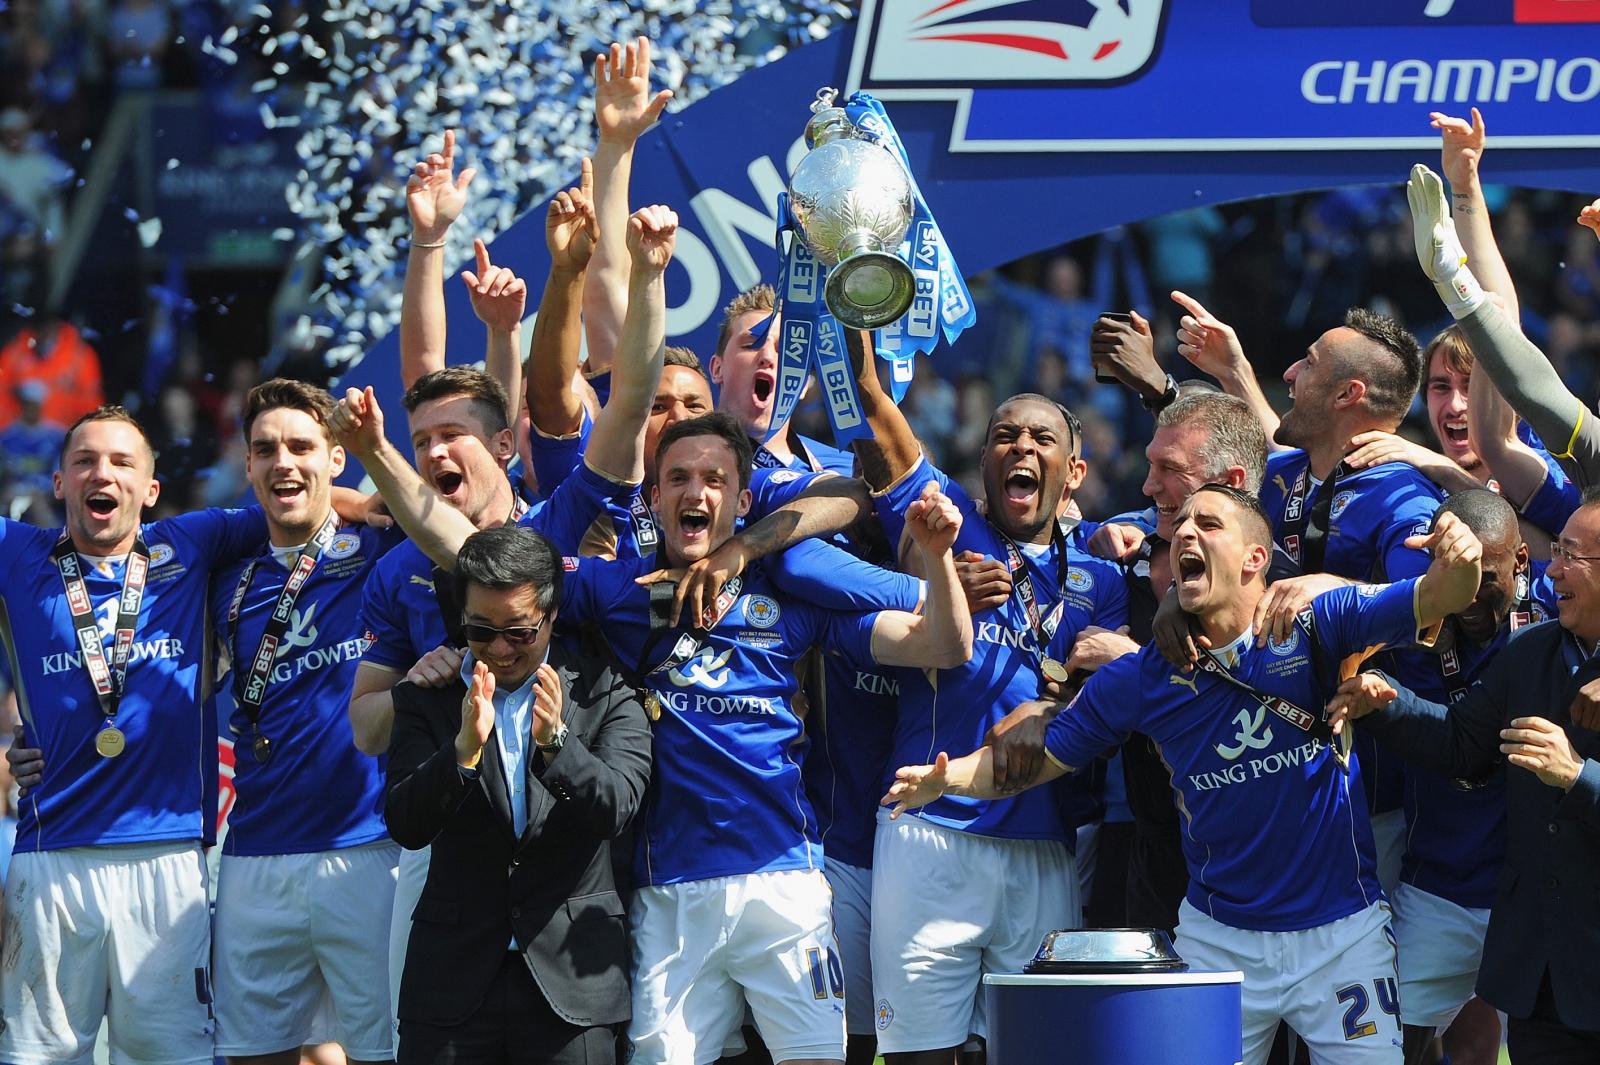 Leicester City Premier League 2014/15 Prediction: Foxes